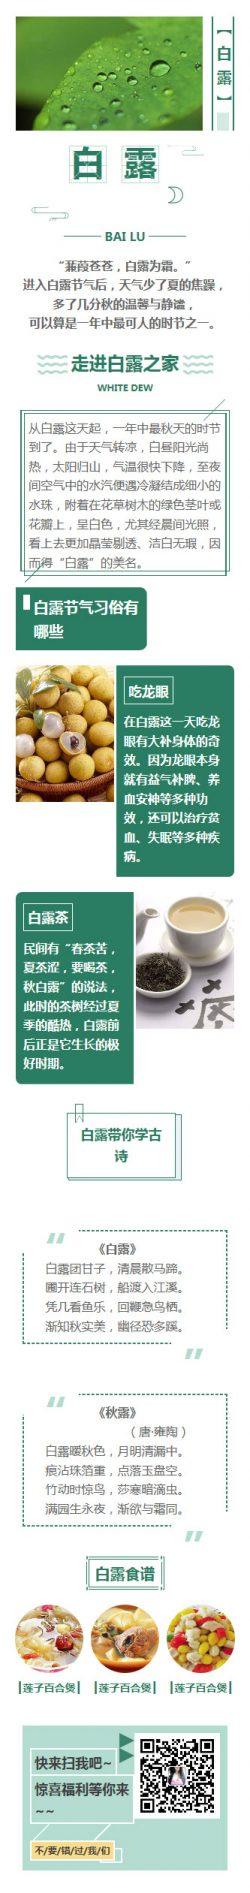 白露节气传统习俗节日模板